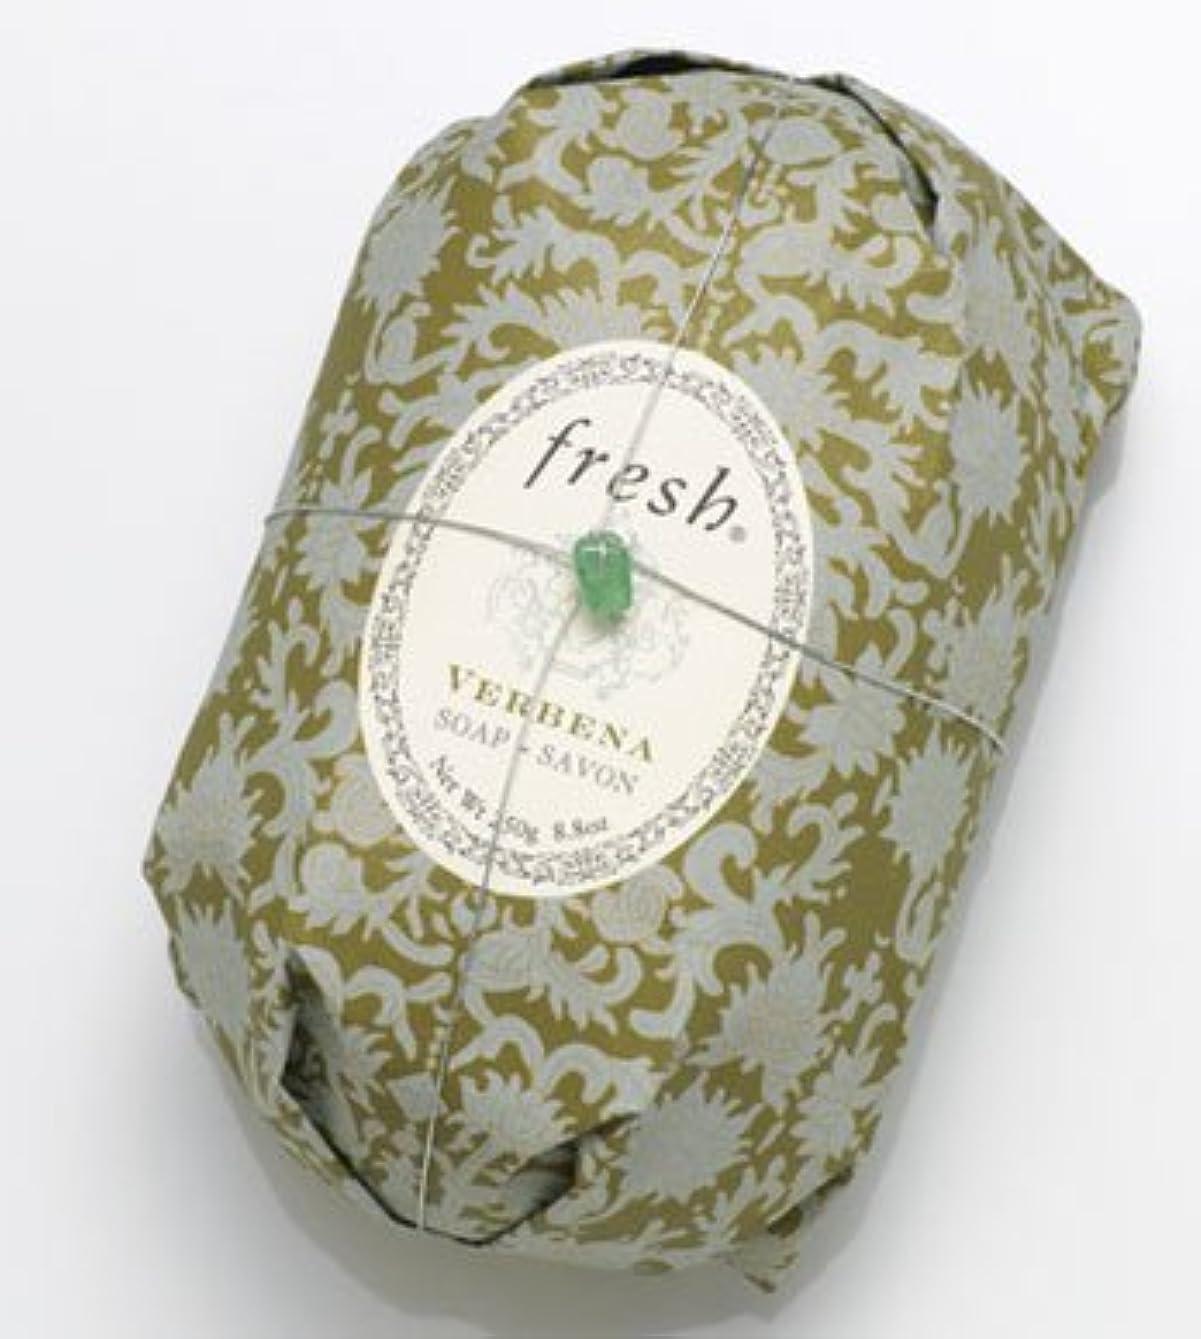 旅行情緒的時計Fresh VERBENA SOAP (フレッシュ バーベナ ソープ) 8.8 oz (250g) Soap (石鹸) by Fresh